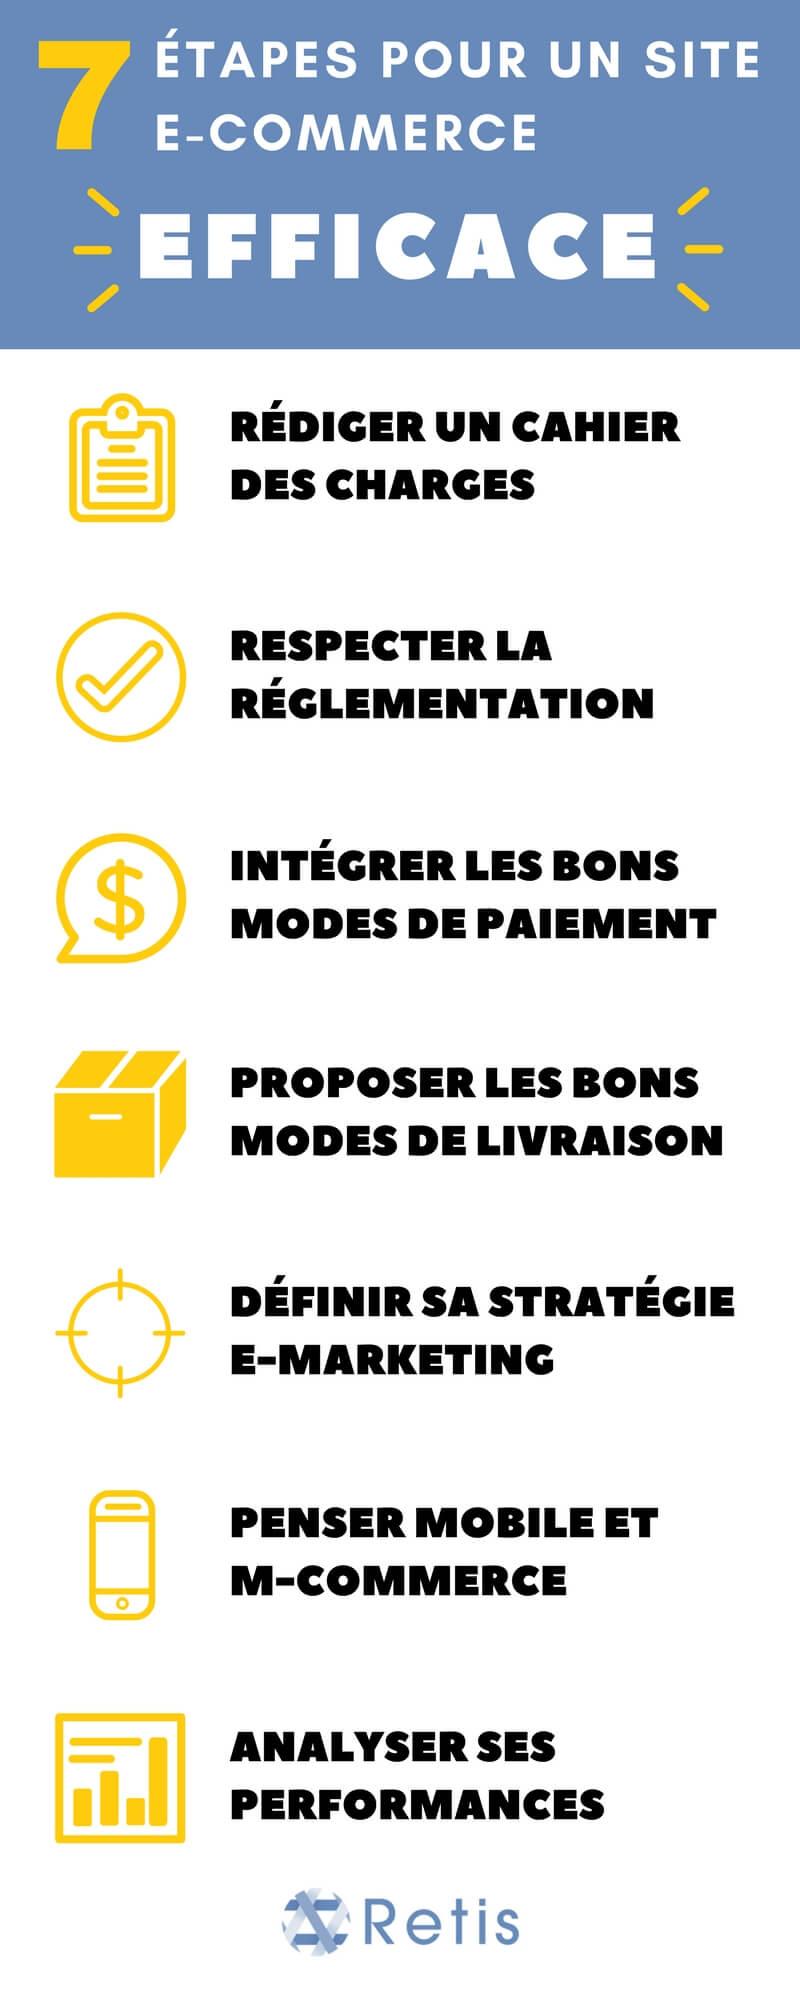 Infographie -Les 7 étapes pour un site e-commerce efficace